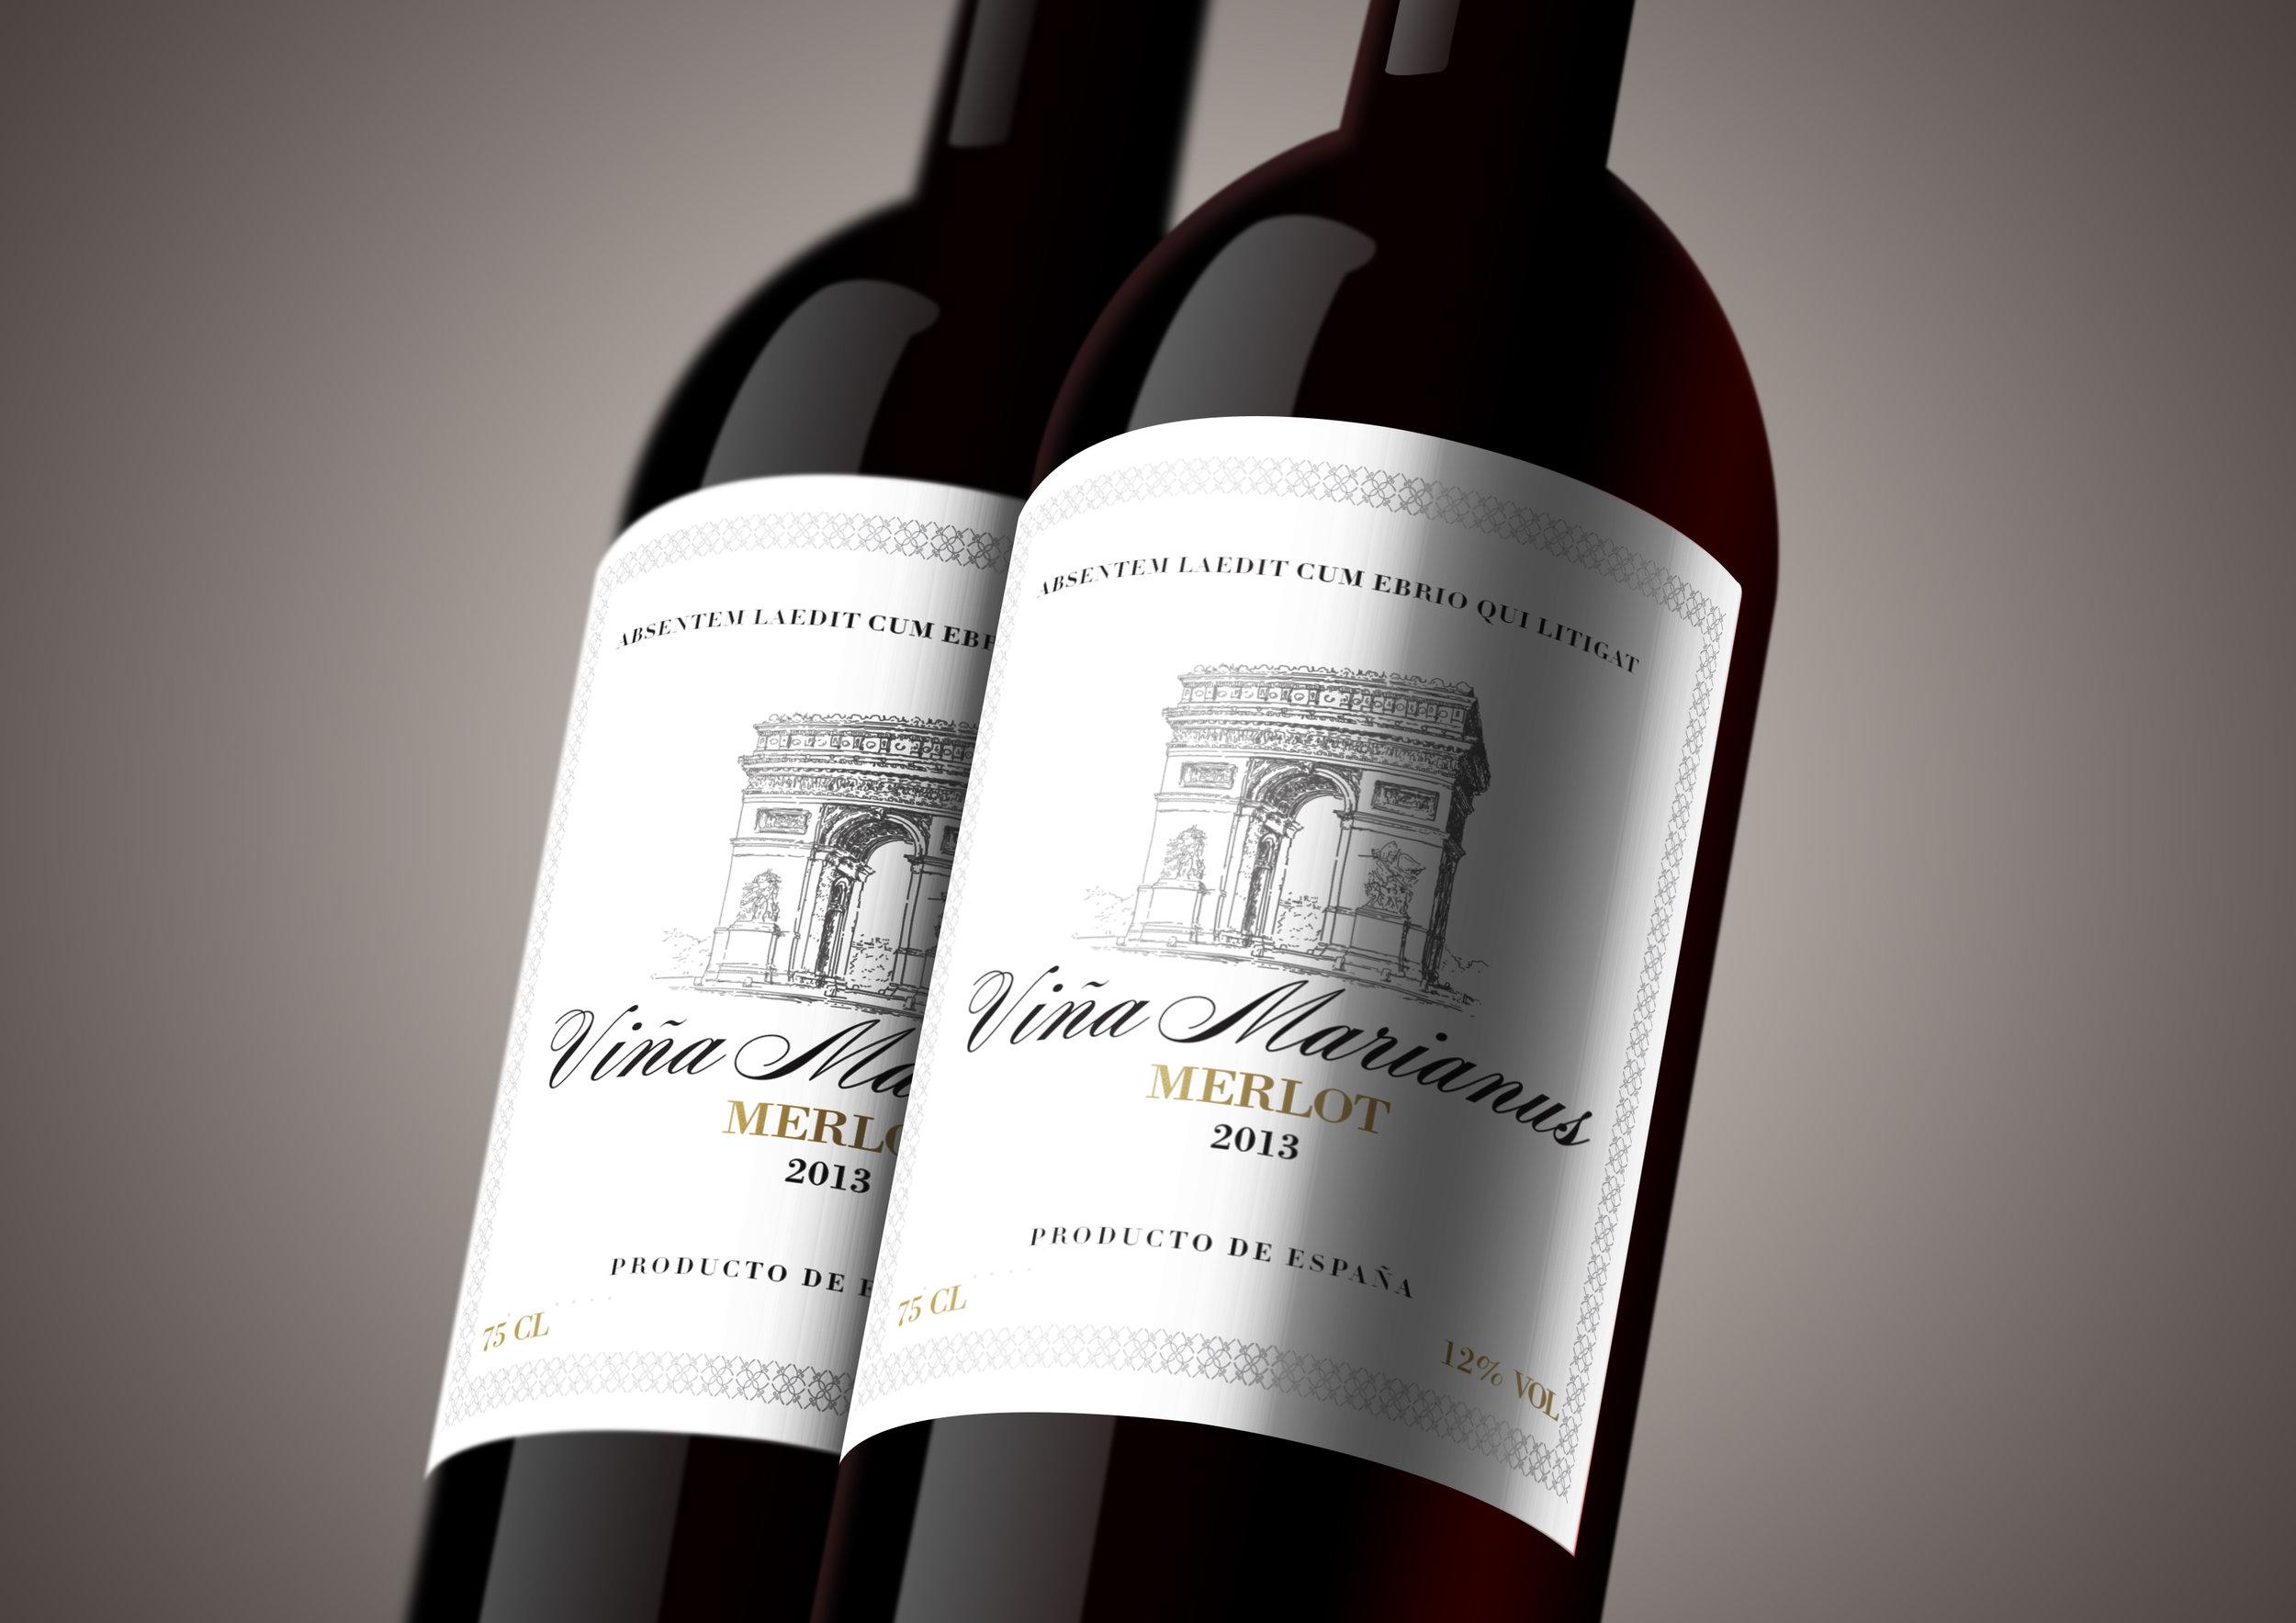 Vina Marianus 2 bottle shot.jpg